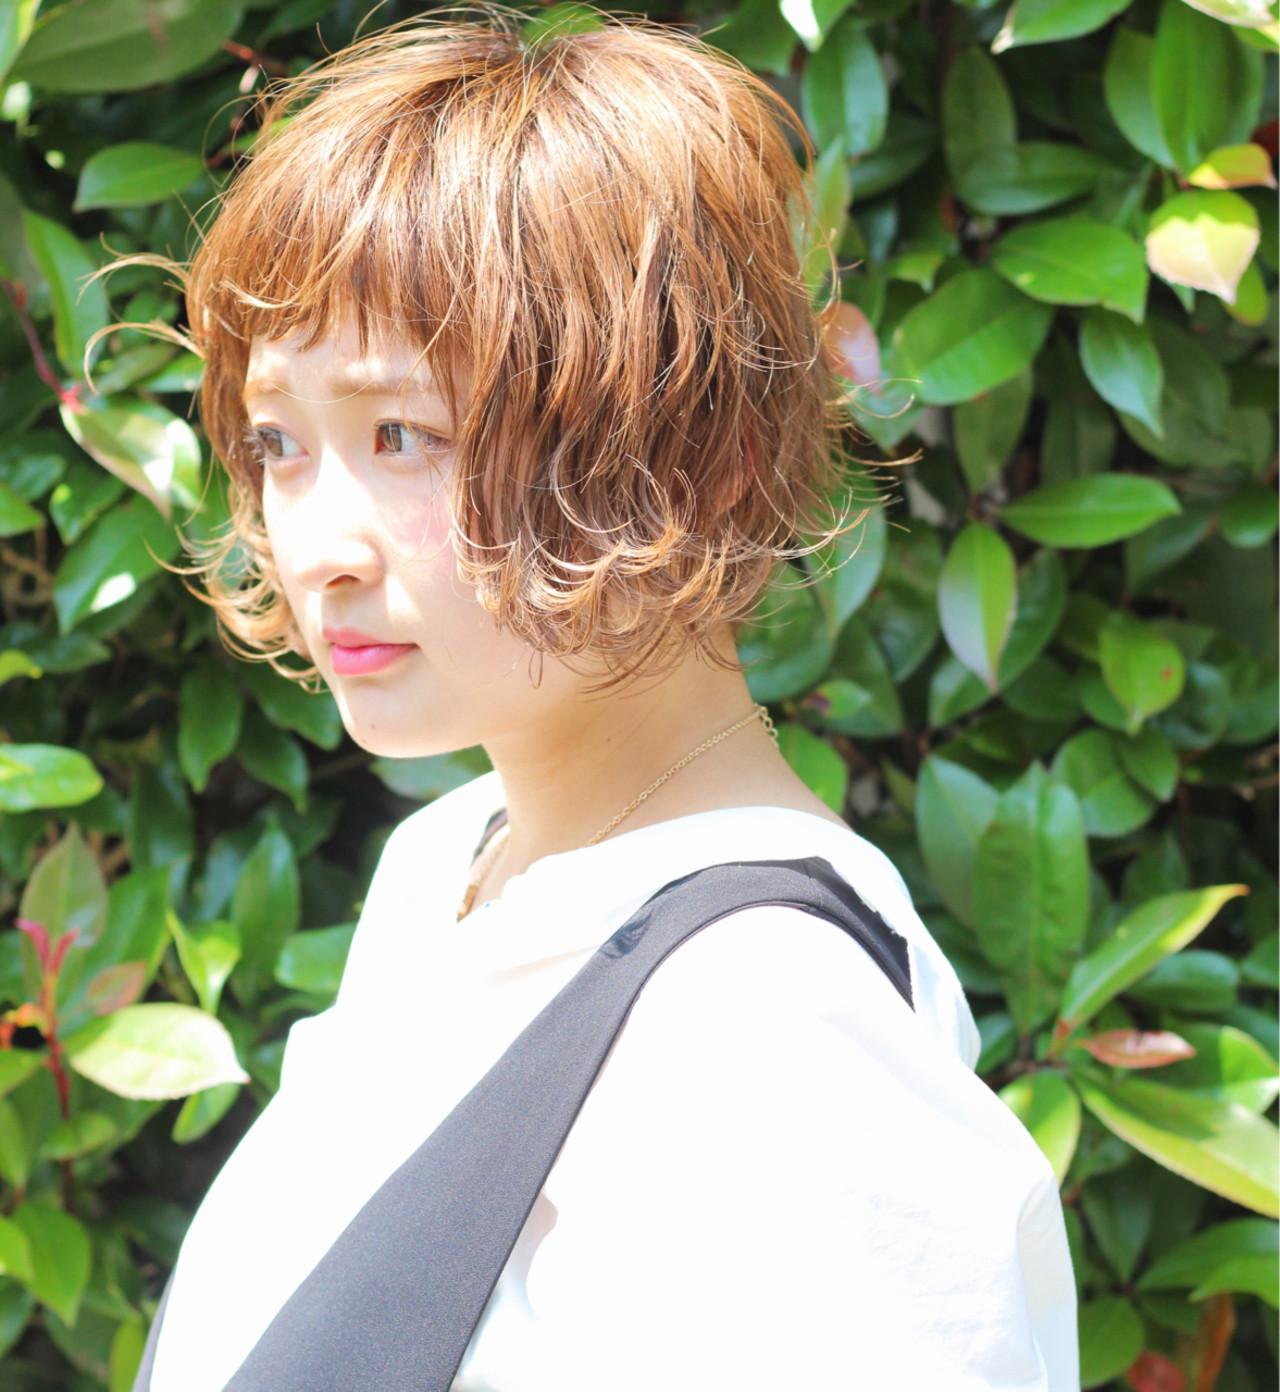 ショート ナチュラル オン眉 ボブ ヘアスタイルや髪型の写真・画像 | Wataru Maeda / cache cache